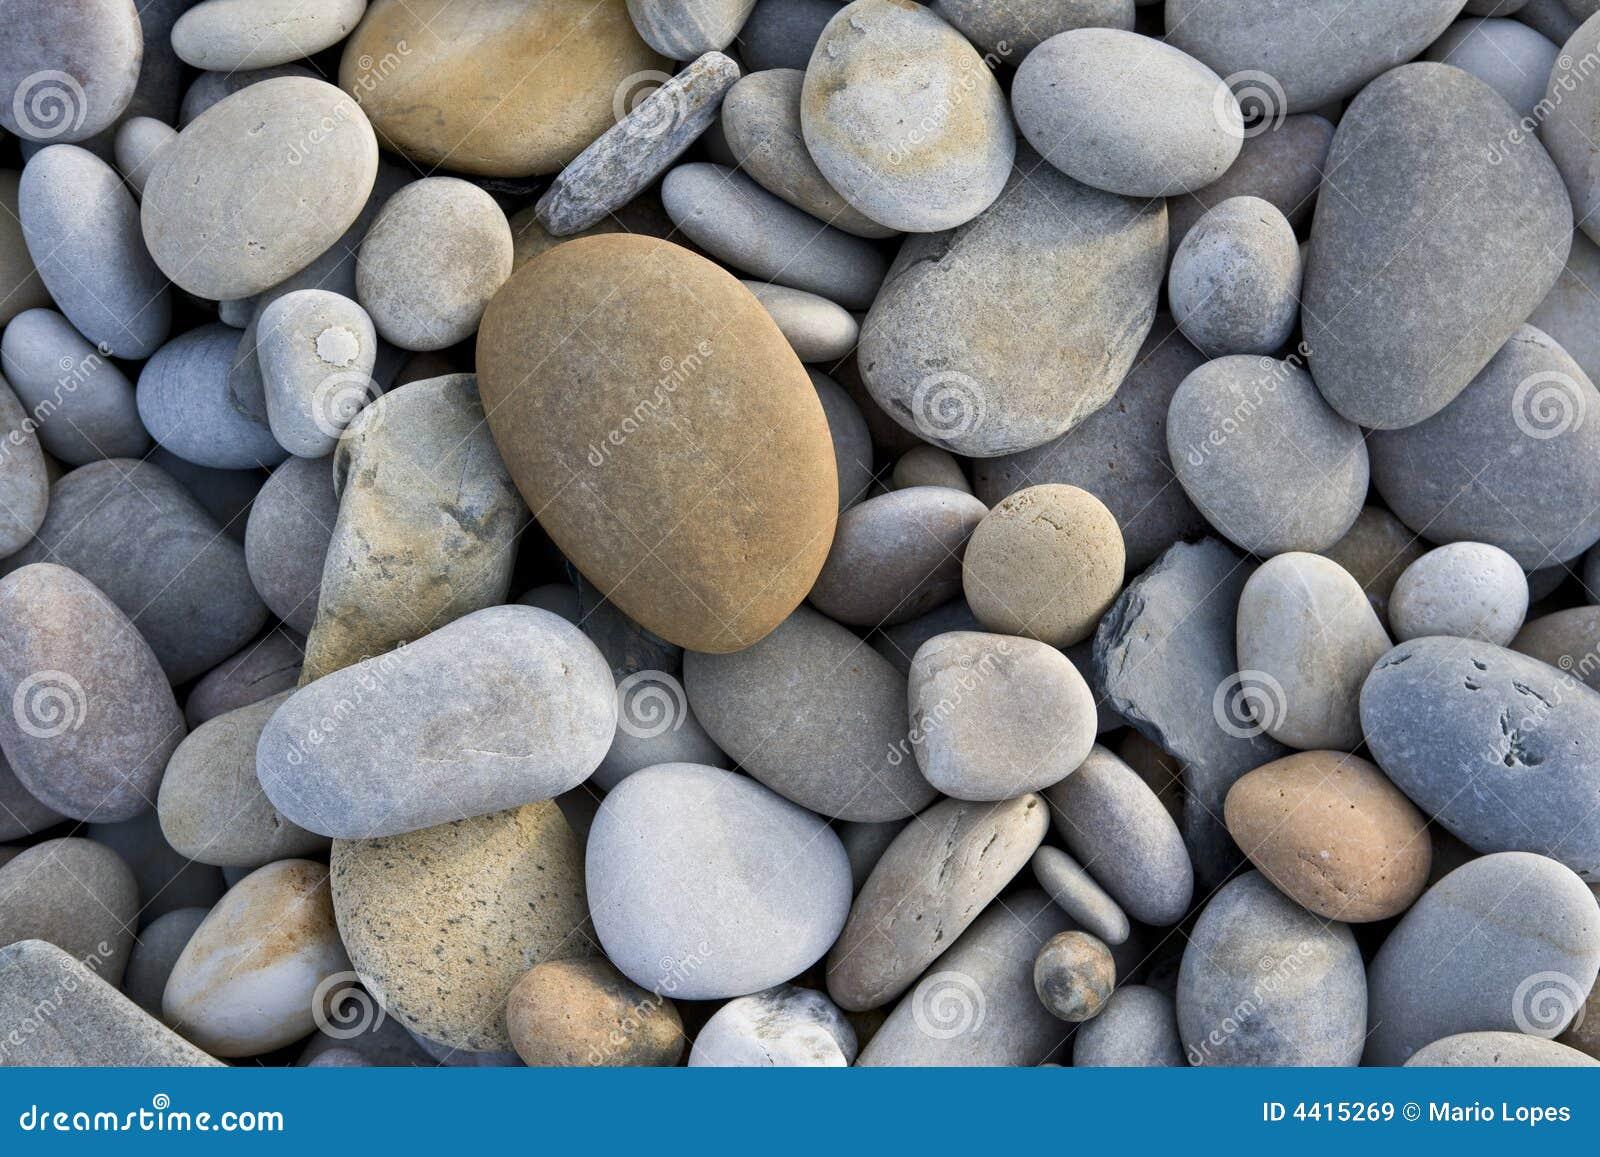 Gratis wallpaper en inspiratie tuinuitleg met stenen navsop